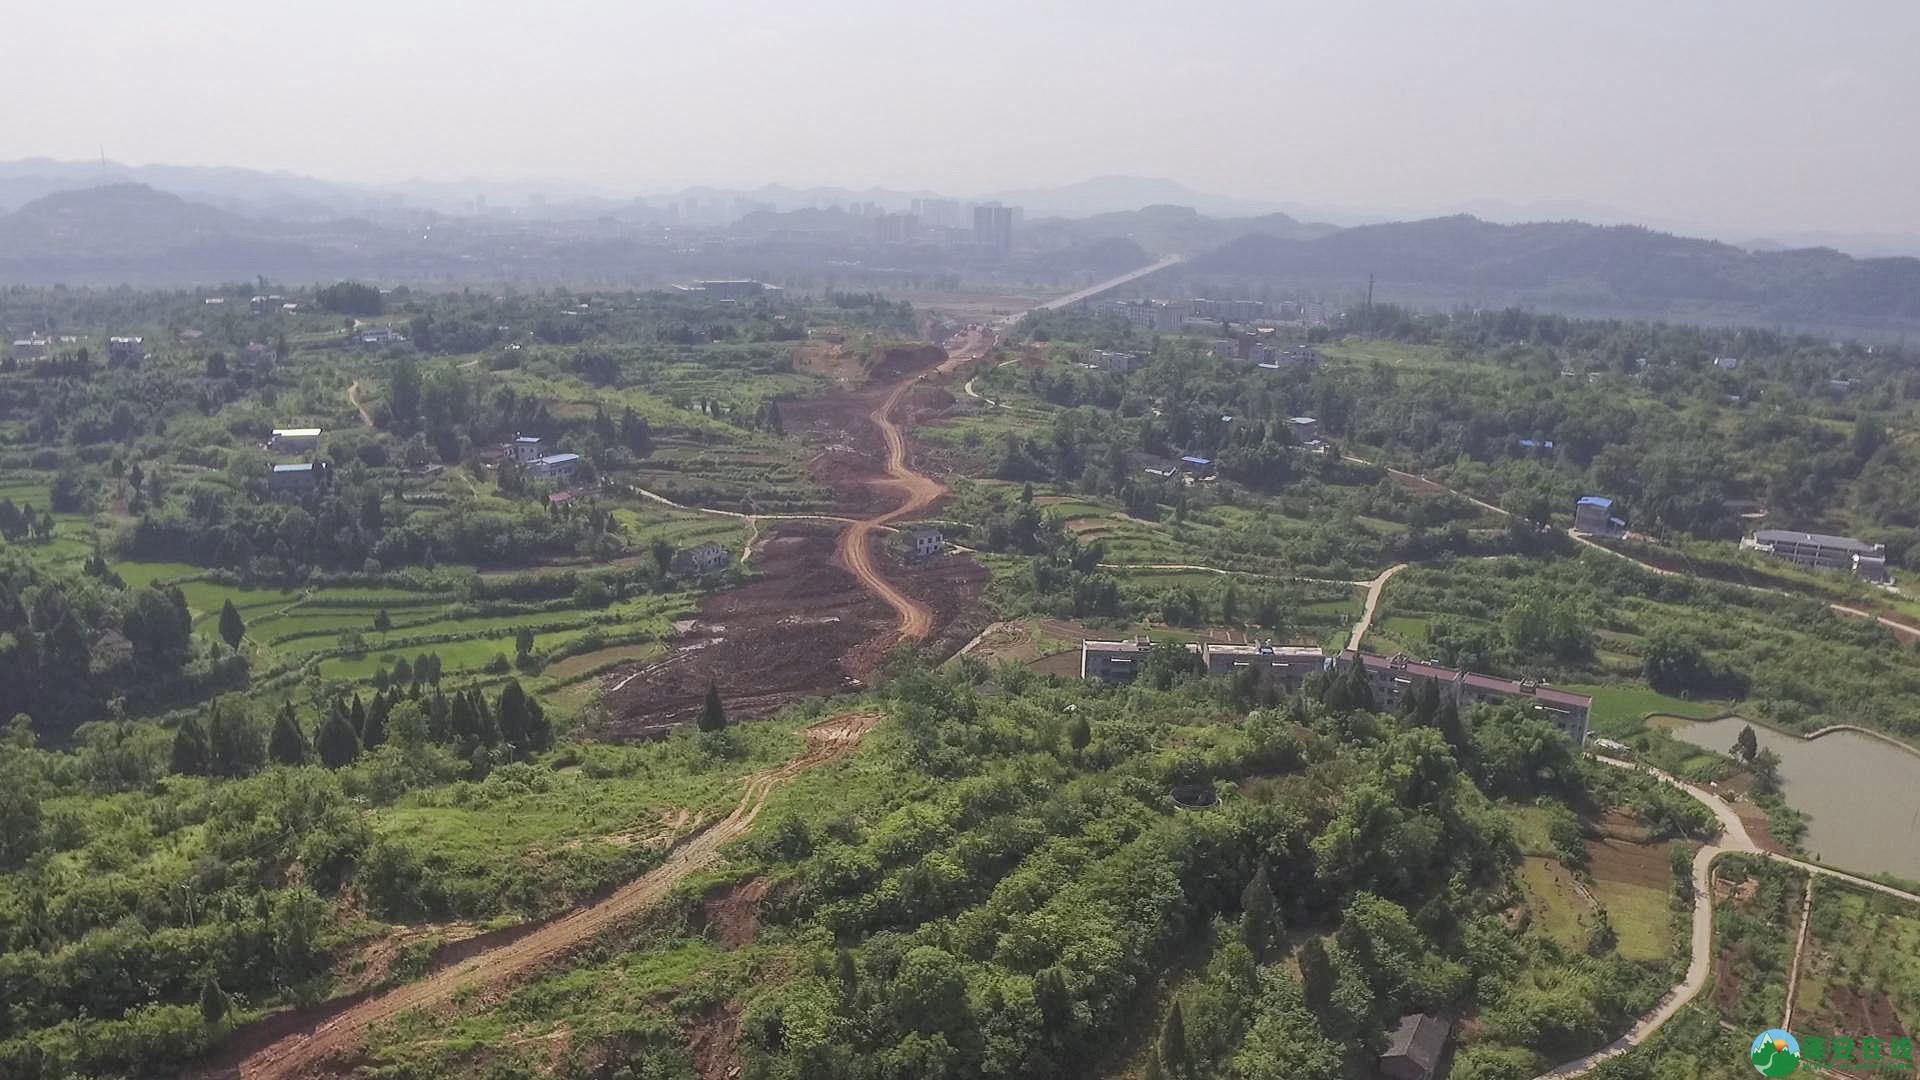 蓬安锦屏段S305省道改线工程进展 - 第21张  | 蓬安在线